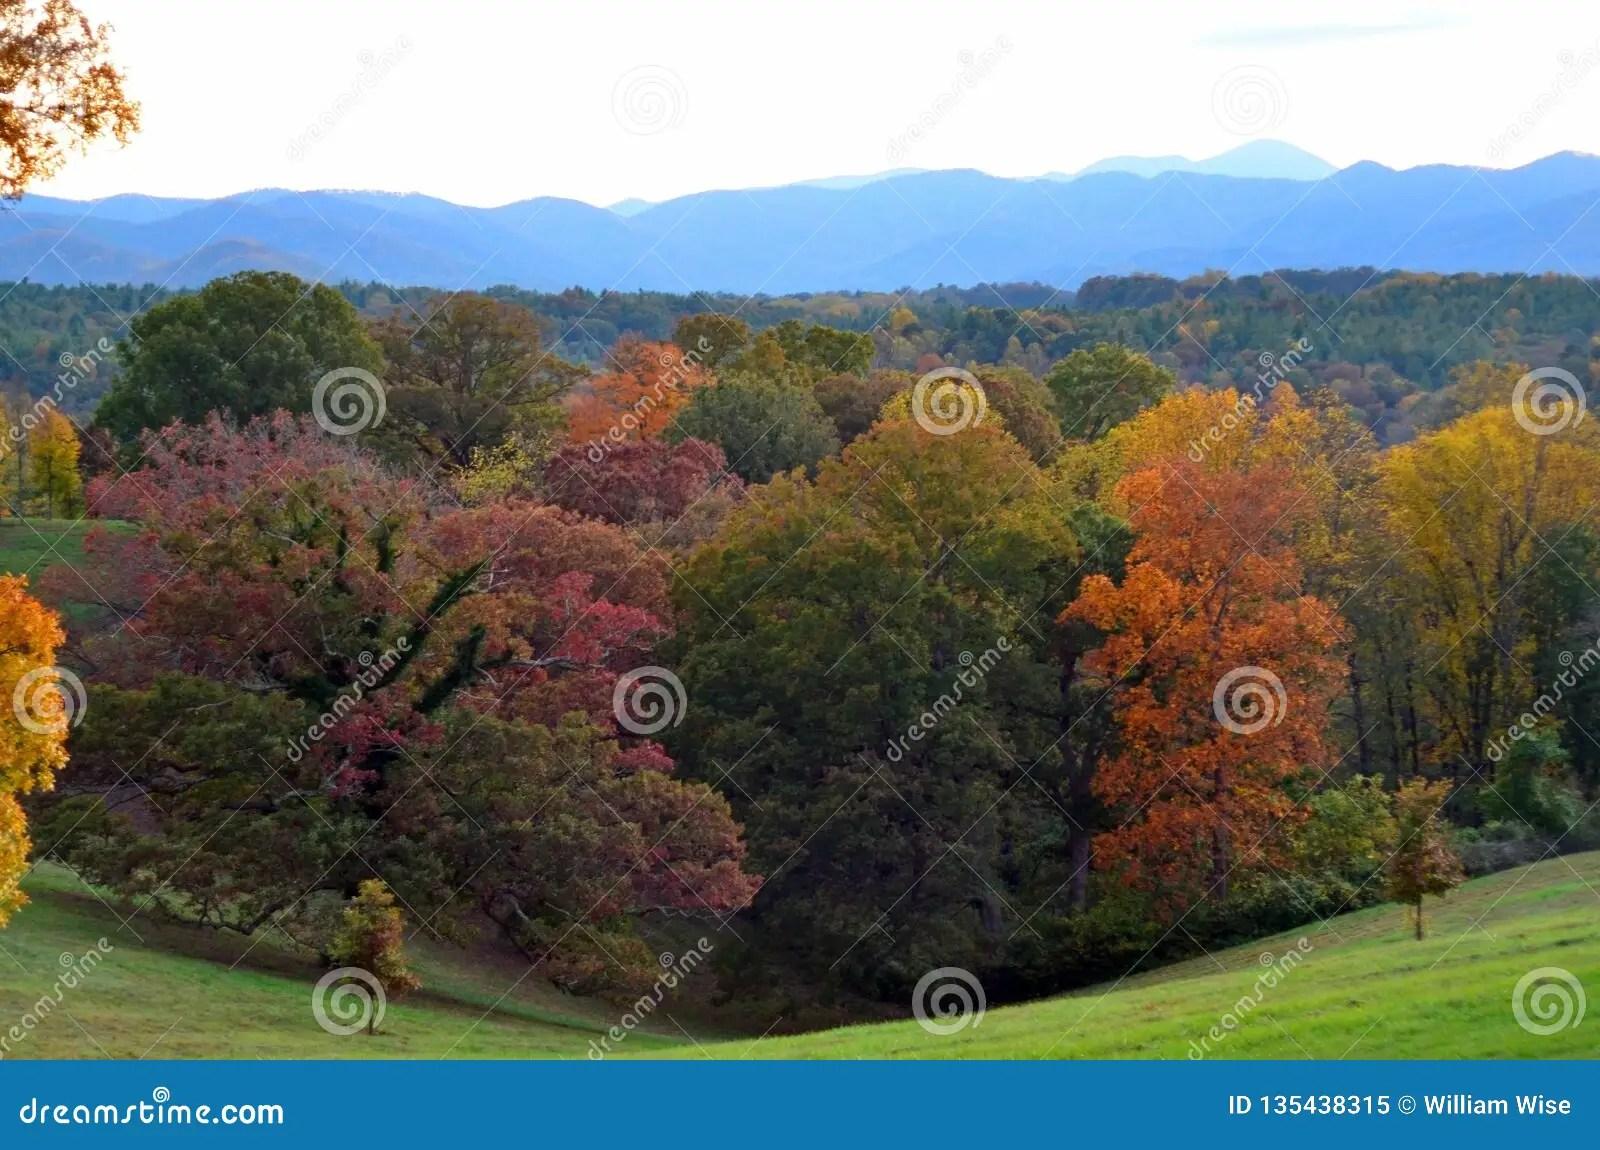 fall foliage at biltmore